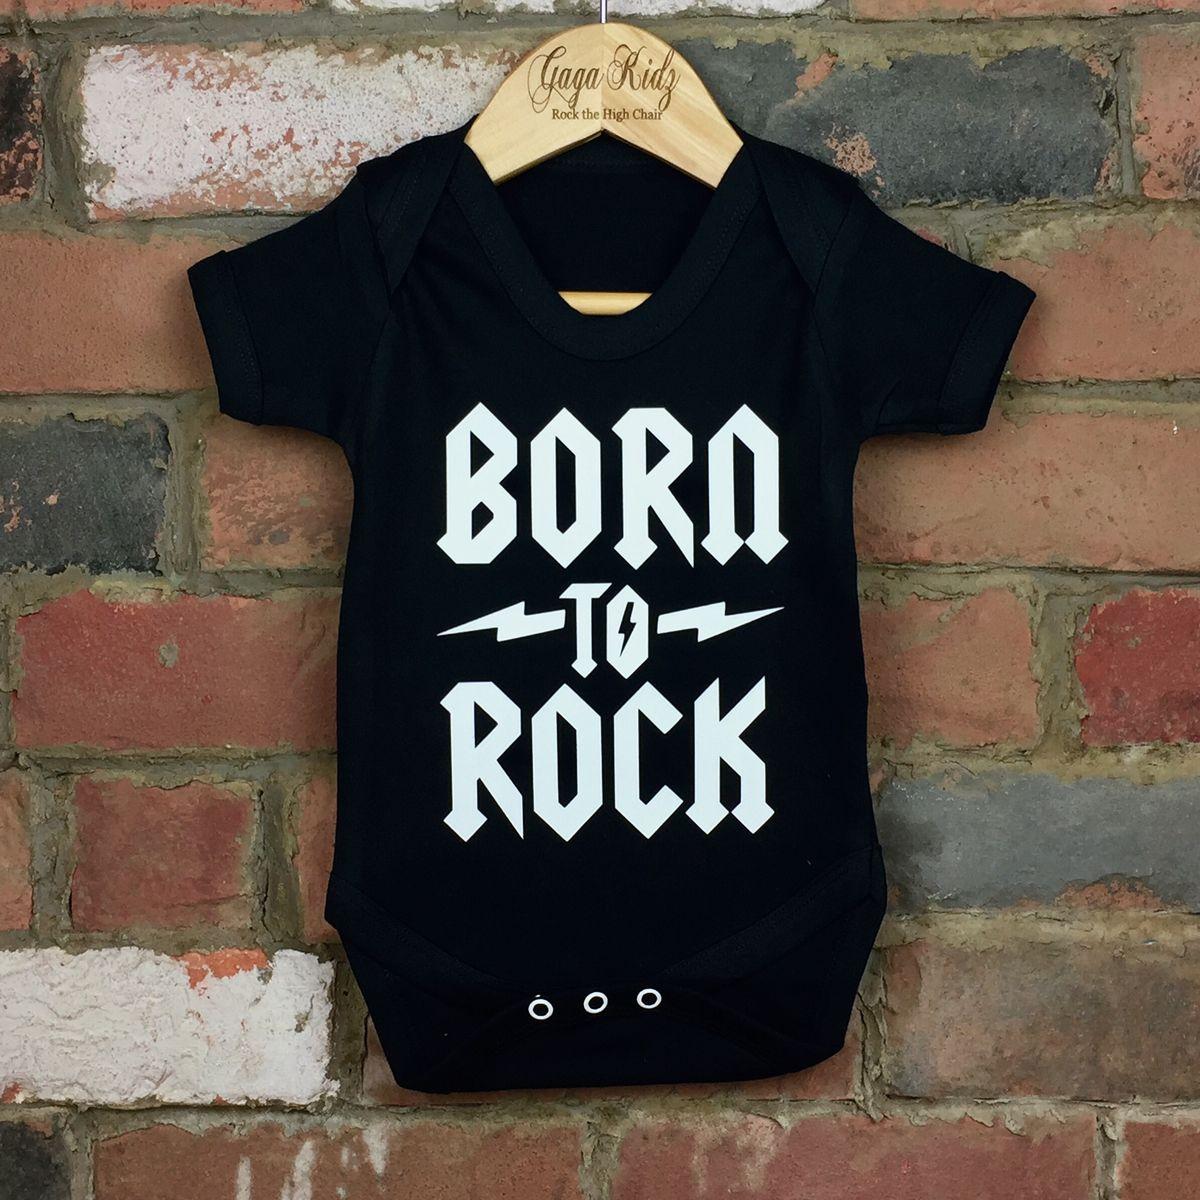 534446f77e91 ... Born To Rock Black & White Baby/Toddler Bodysuits (various sizes)  ...